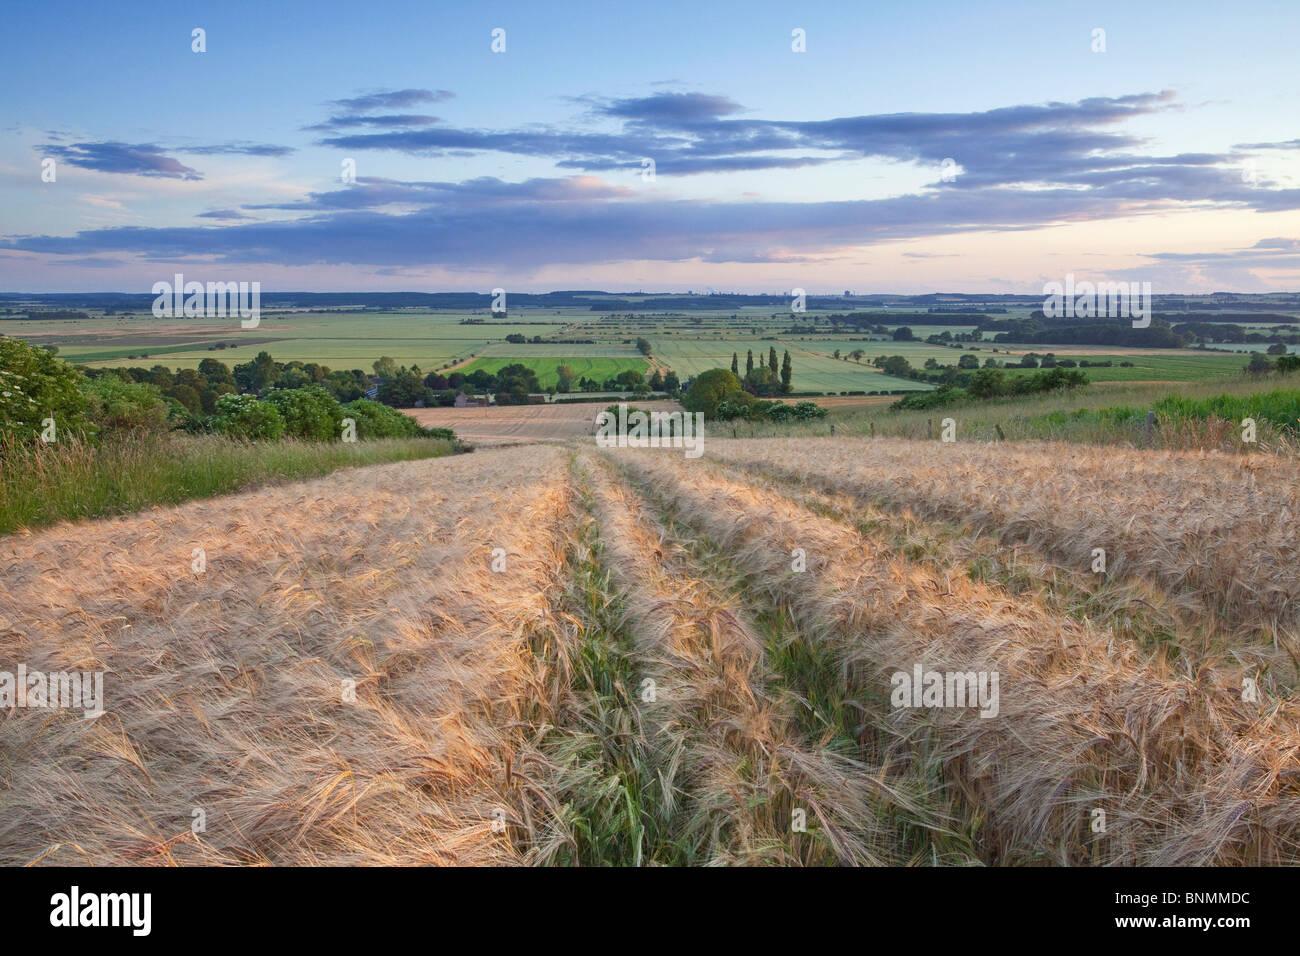 Una vista del valle del río Ancholme desde un campo de cebada en el Lincolnshire Wolds en una noche de verano Imagen De Stock